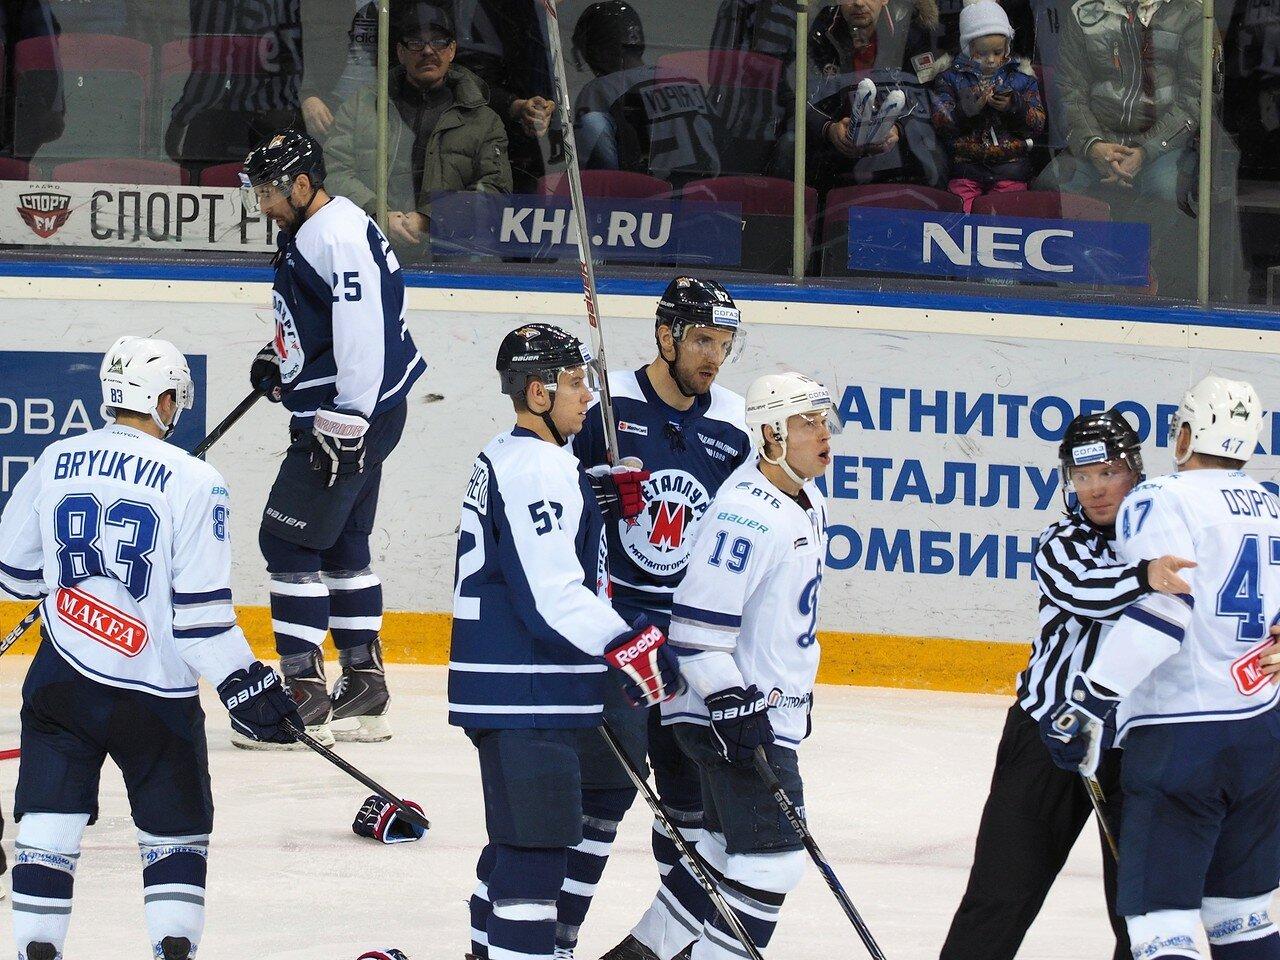 105Металлург - Динамо Москва 28.12.2015